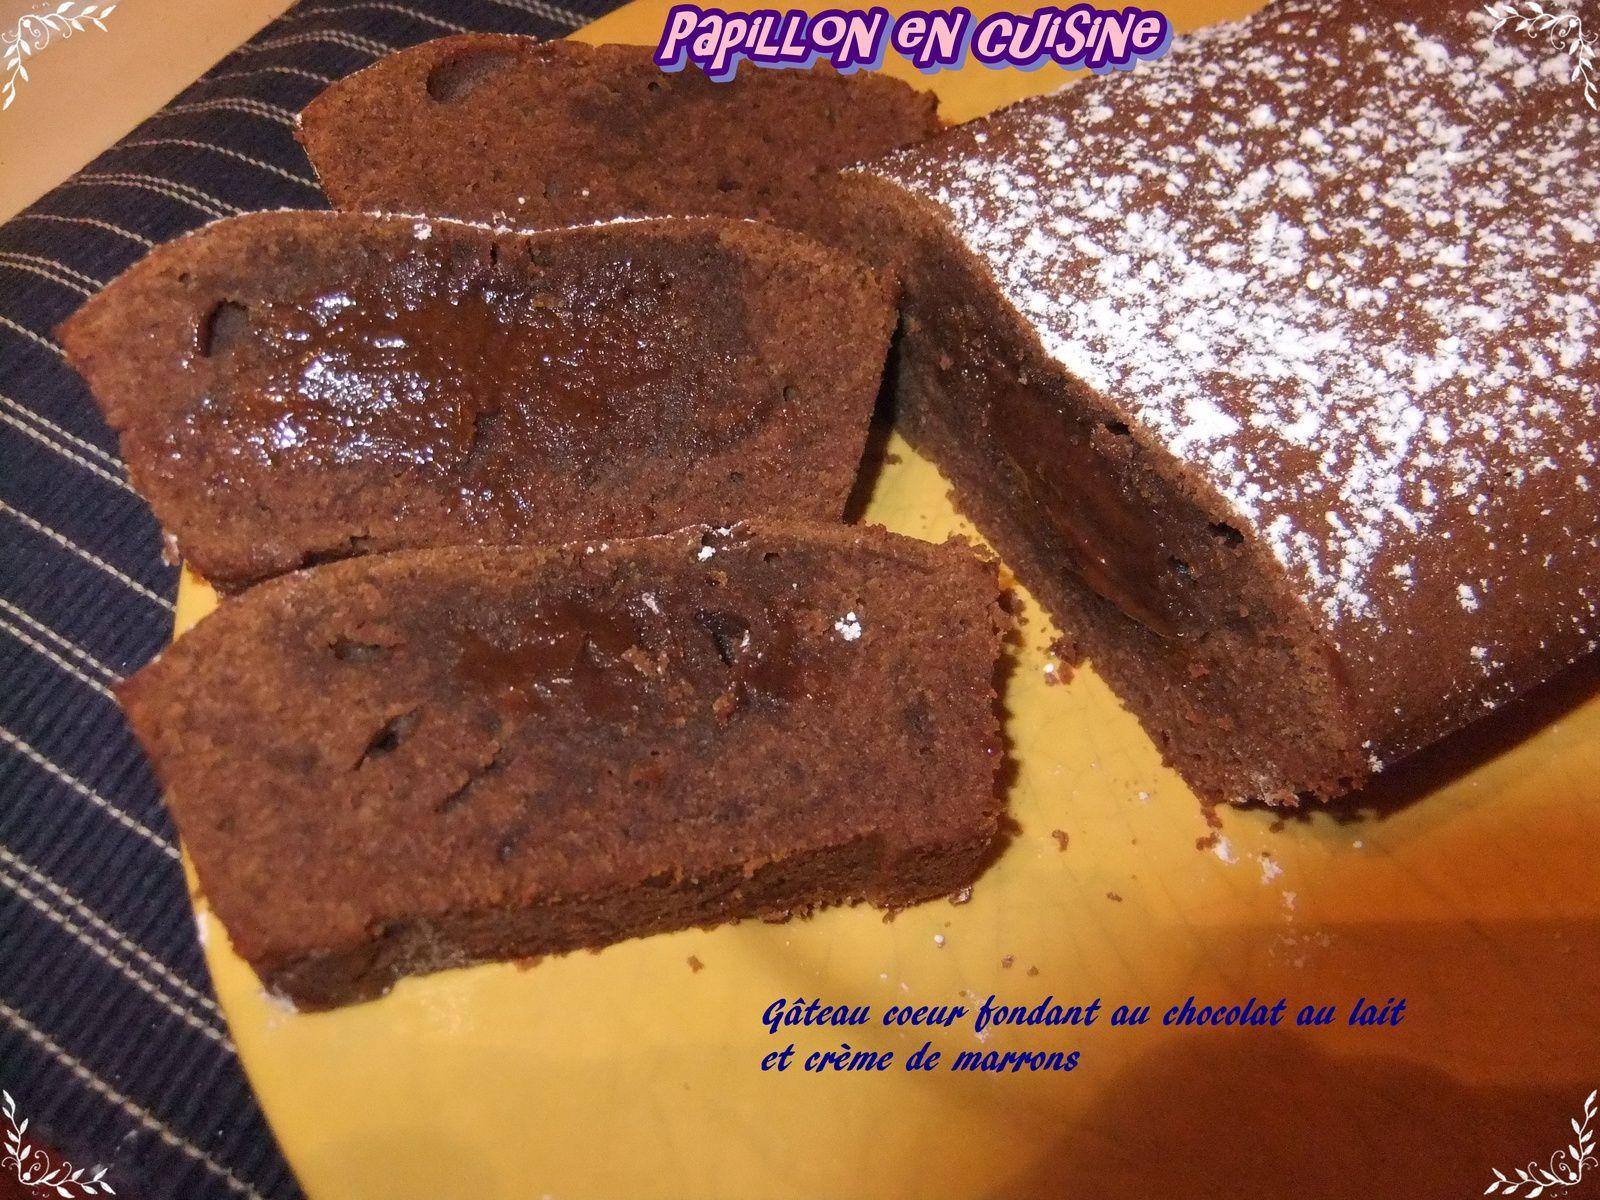 Recette g teau coeur fondant au chocolat au lait et la cr me de marrons papillon en cuisine - Recette gateau chocolat creme de marron ...